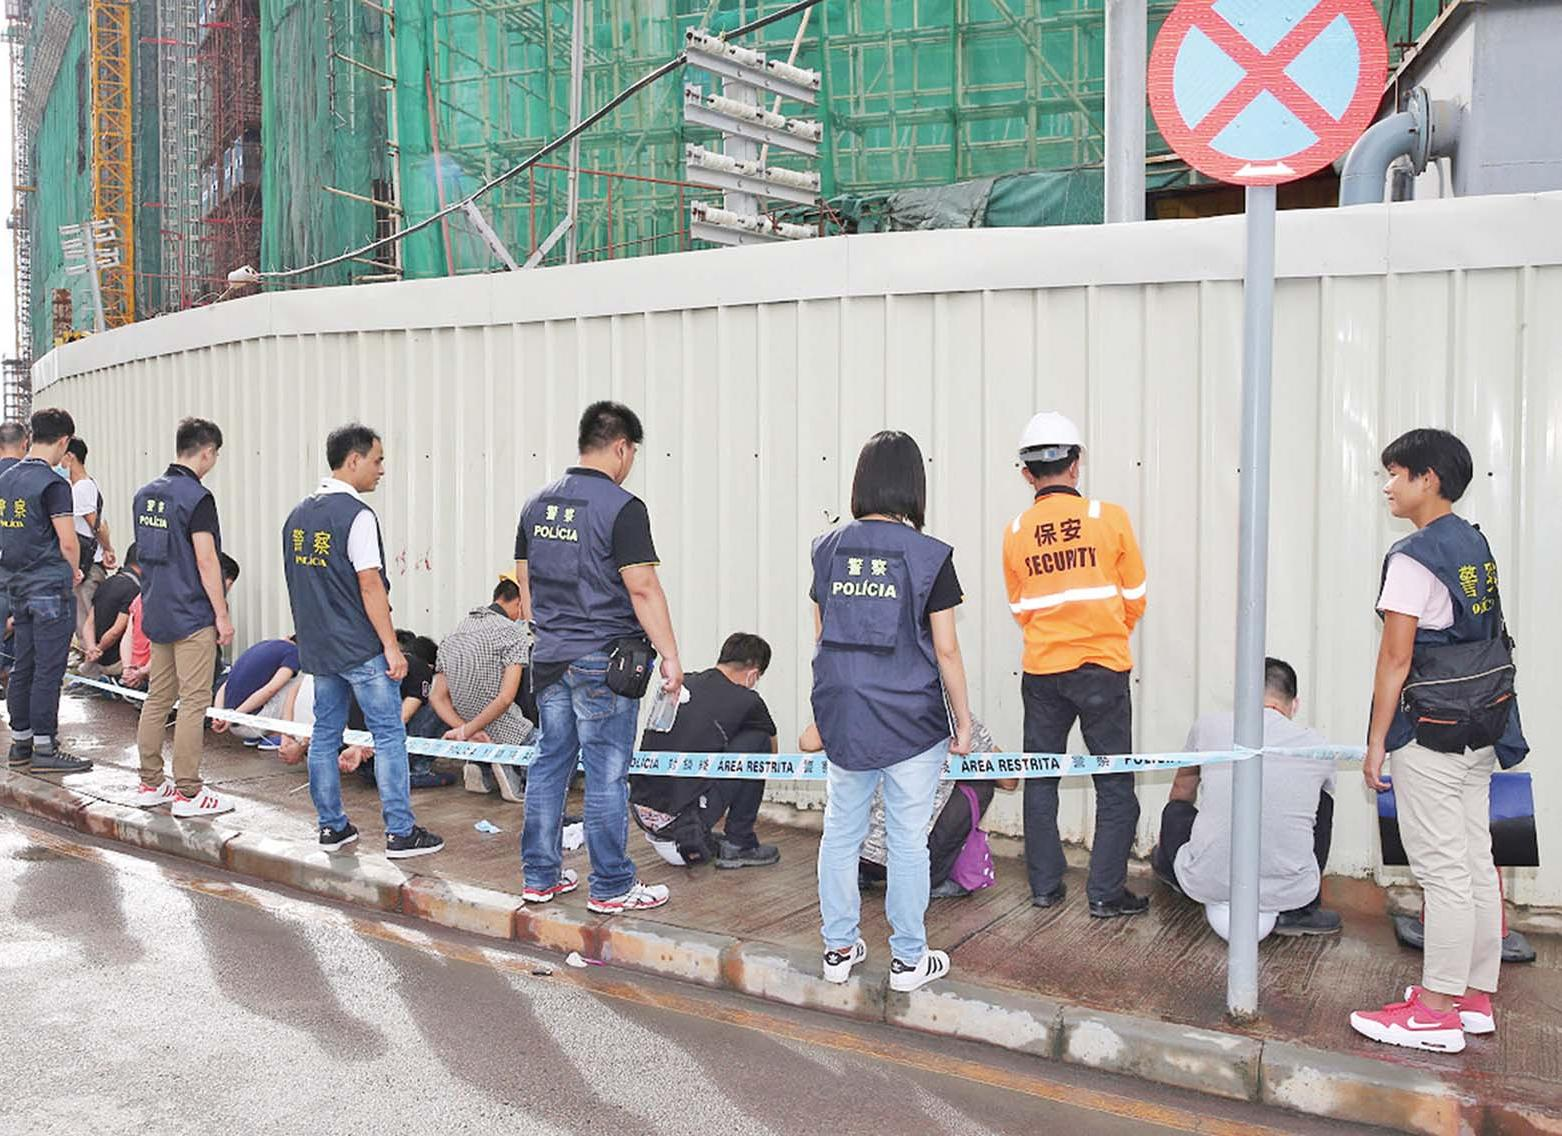 全來自越南三偷渡入境